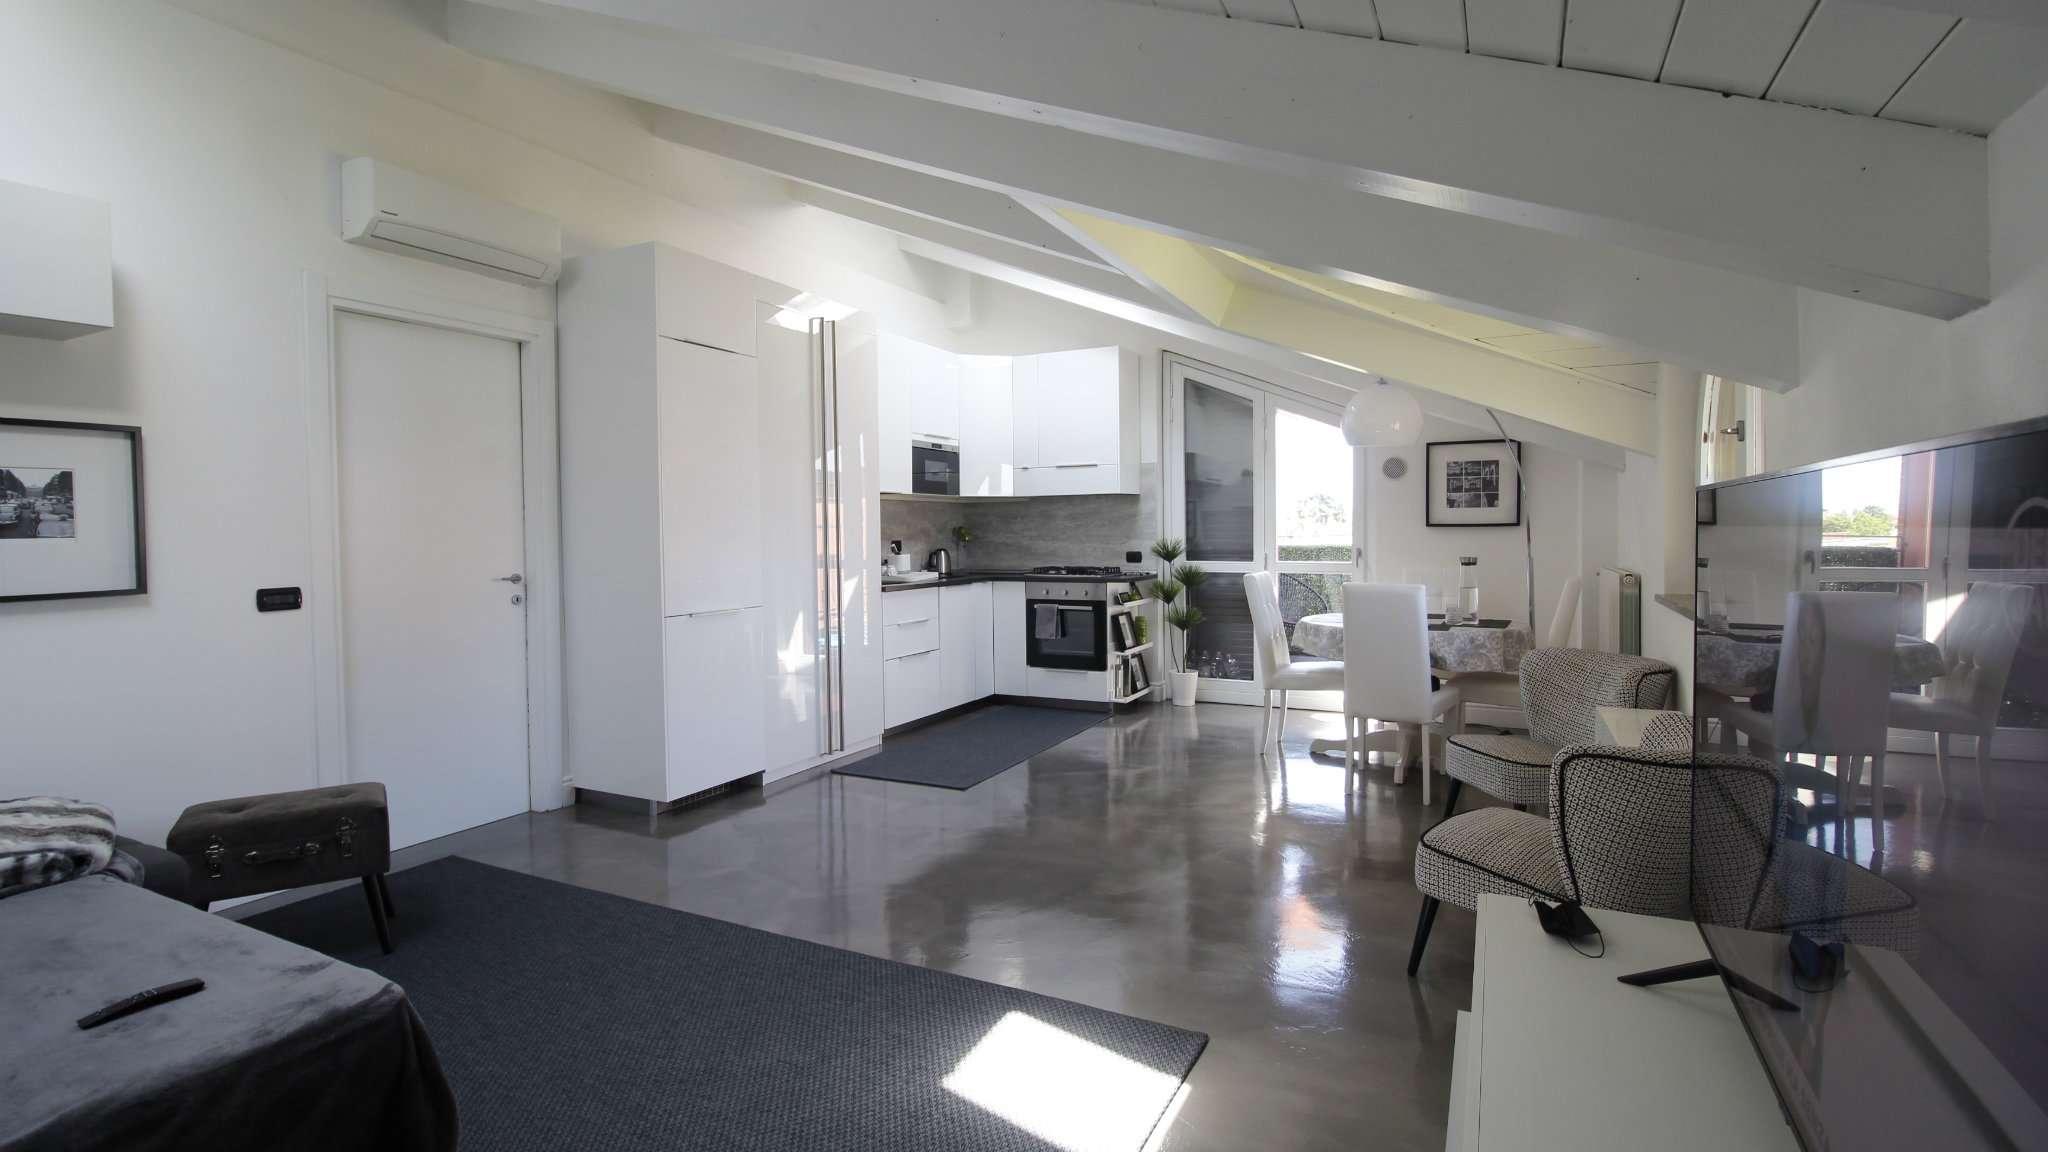 Appartamento in vendita a Cologno Monzese, 4 locali, prezzo € 295.000 | PortaleAgenzieImmobiliari.it